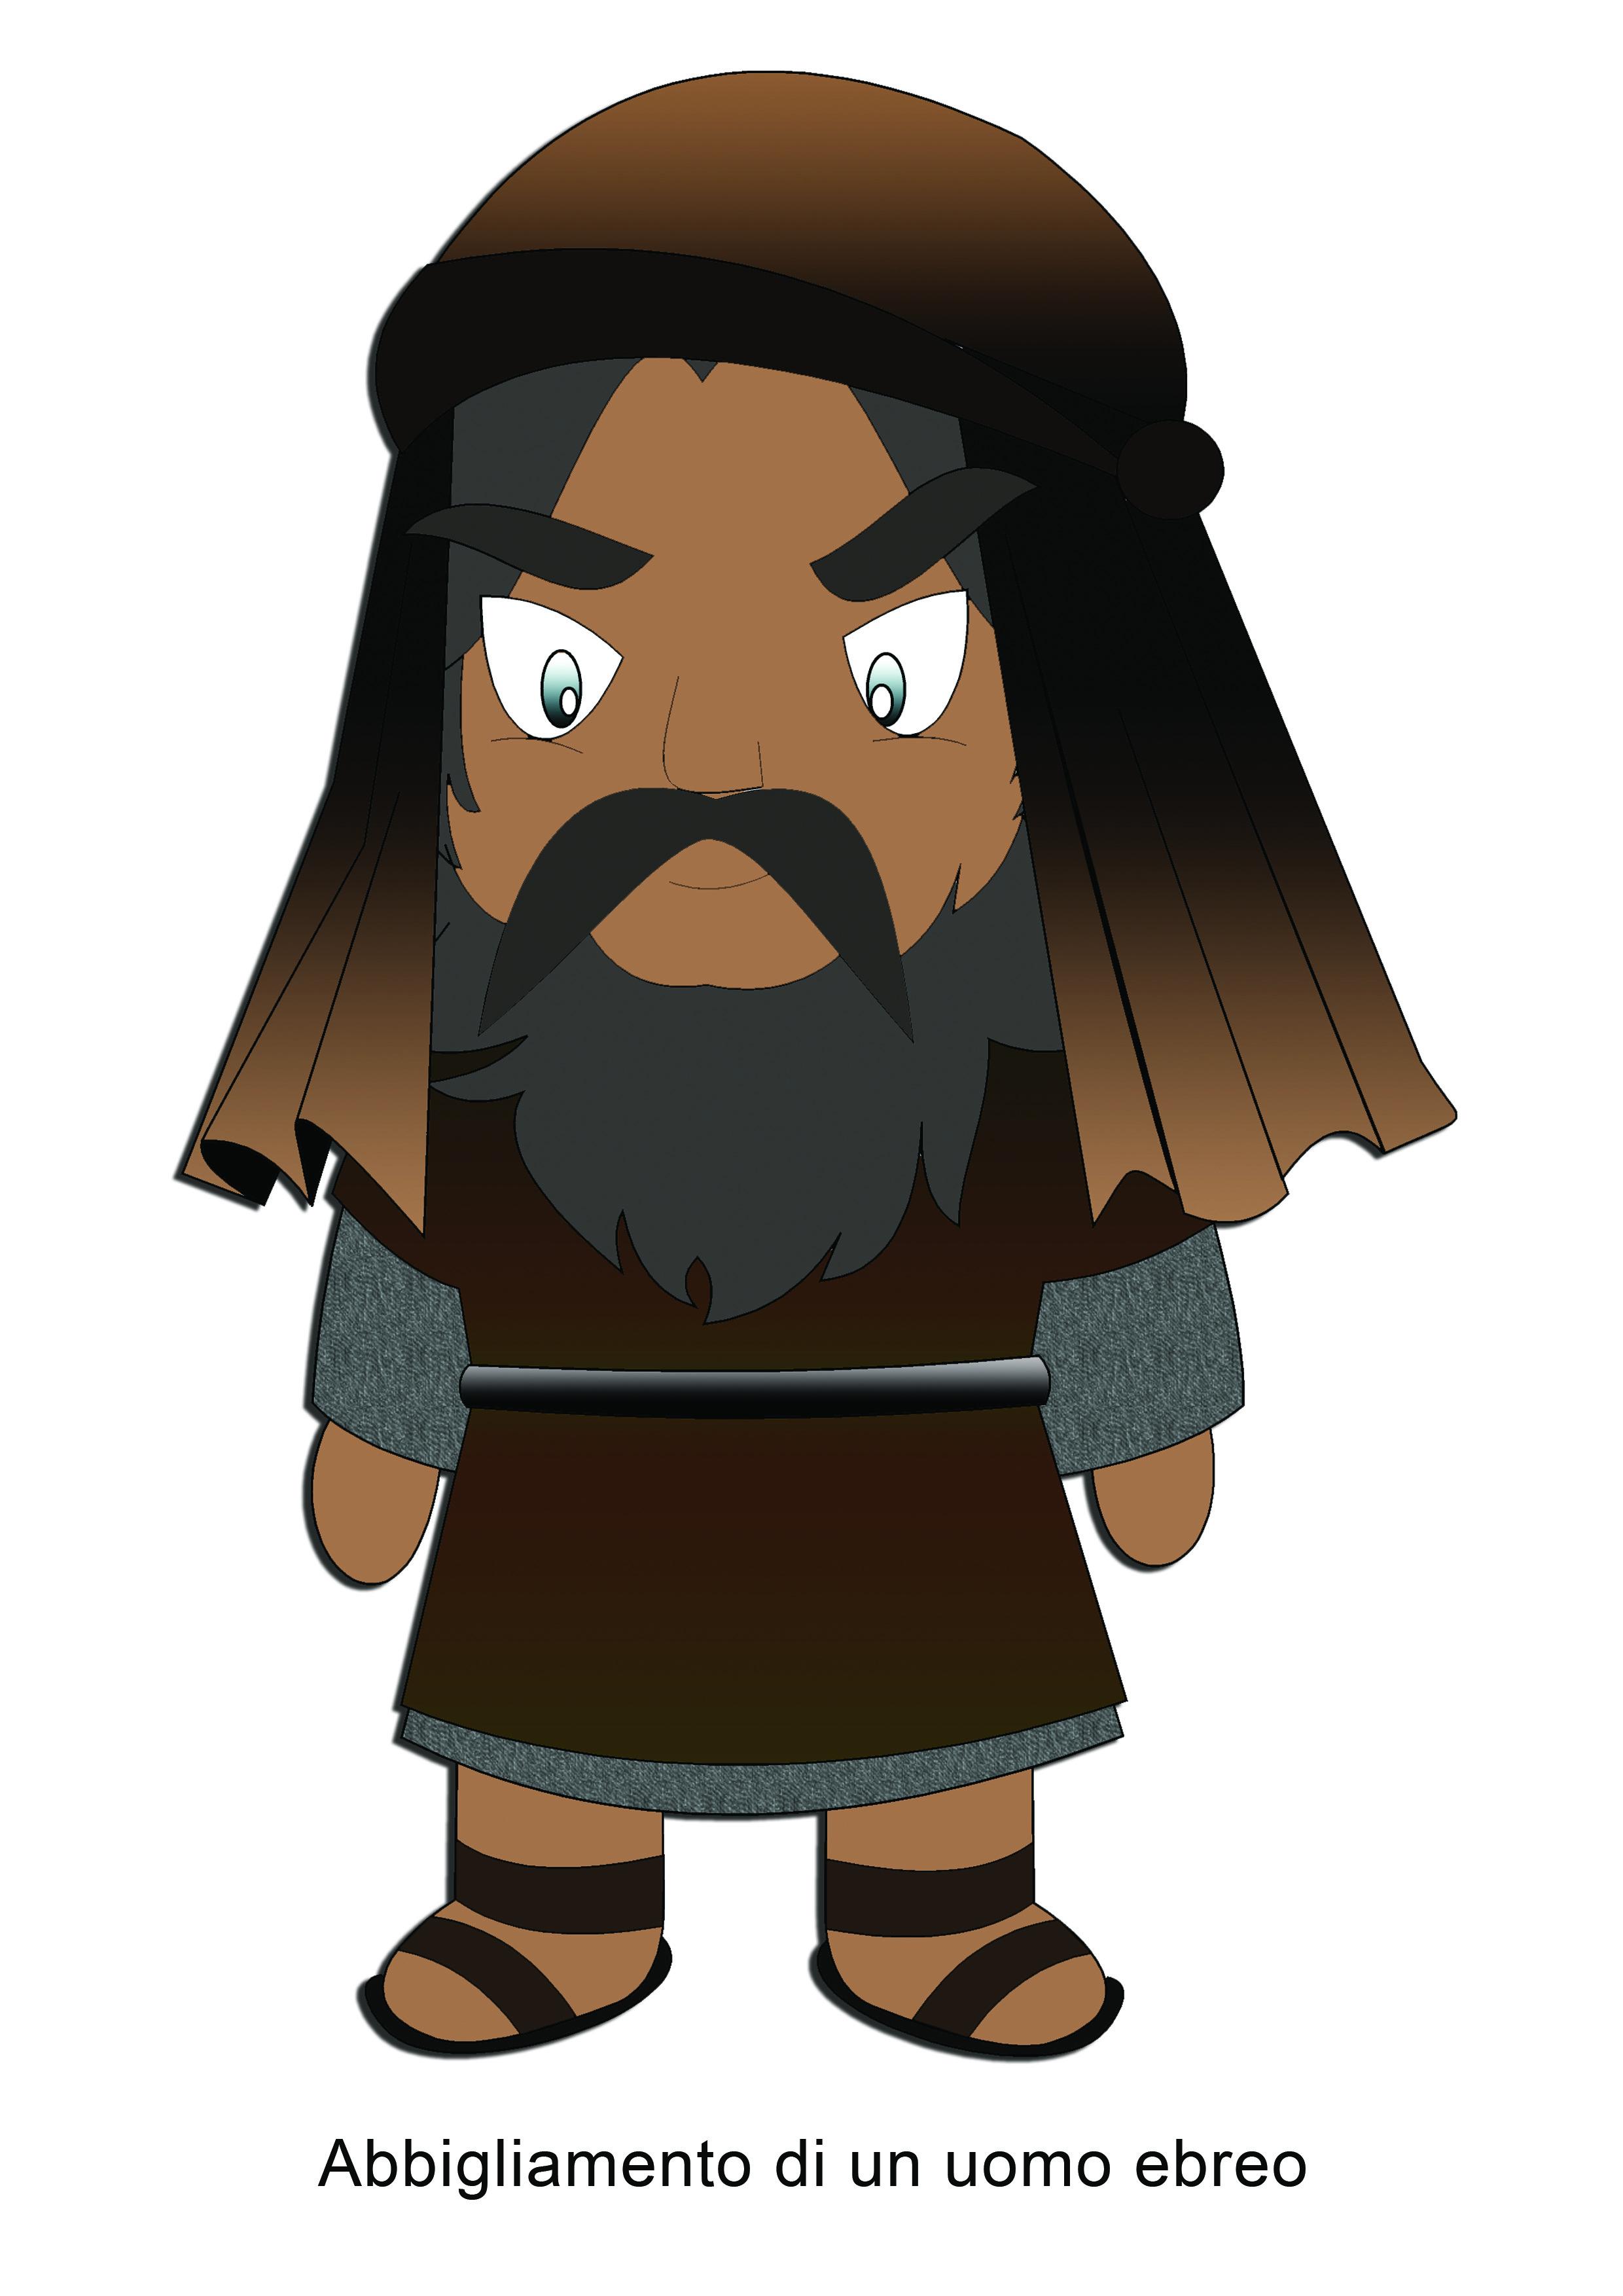 Abbigliamento di un uomo ebreo